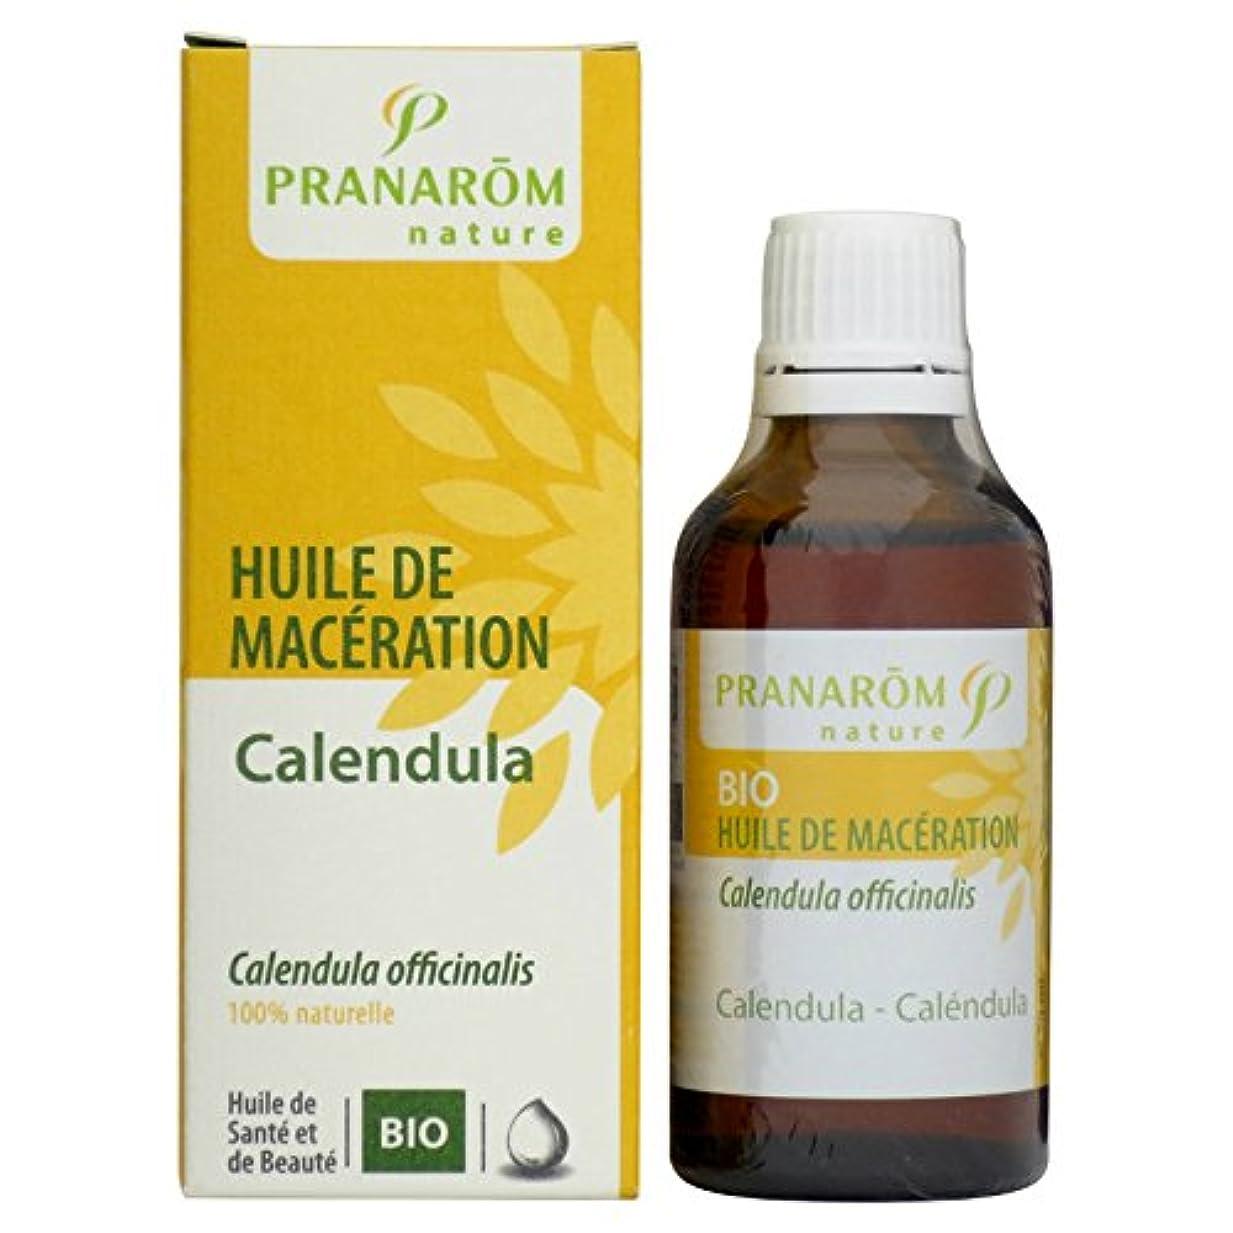 干渉するフレームワーク明日プラナロム カレンデュラオイル 50ml (PRANAROM 植物油)